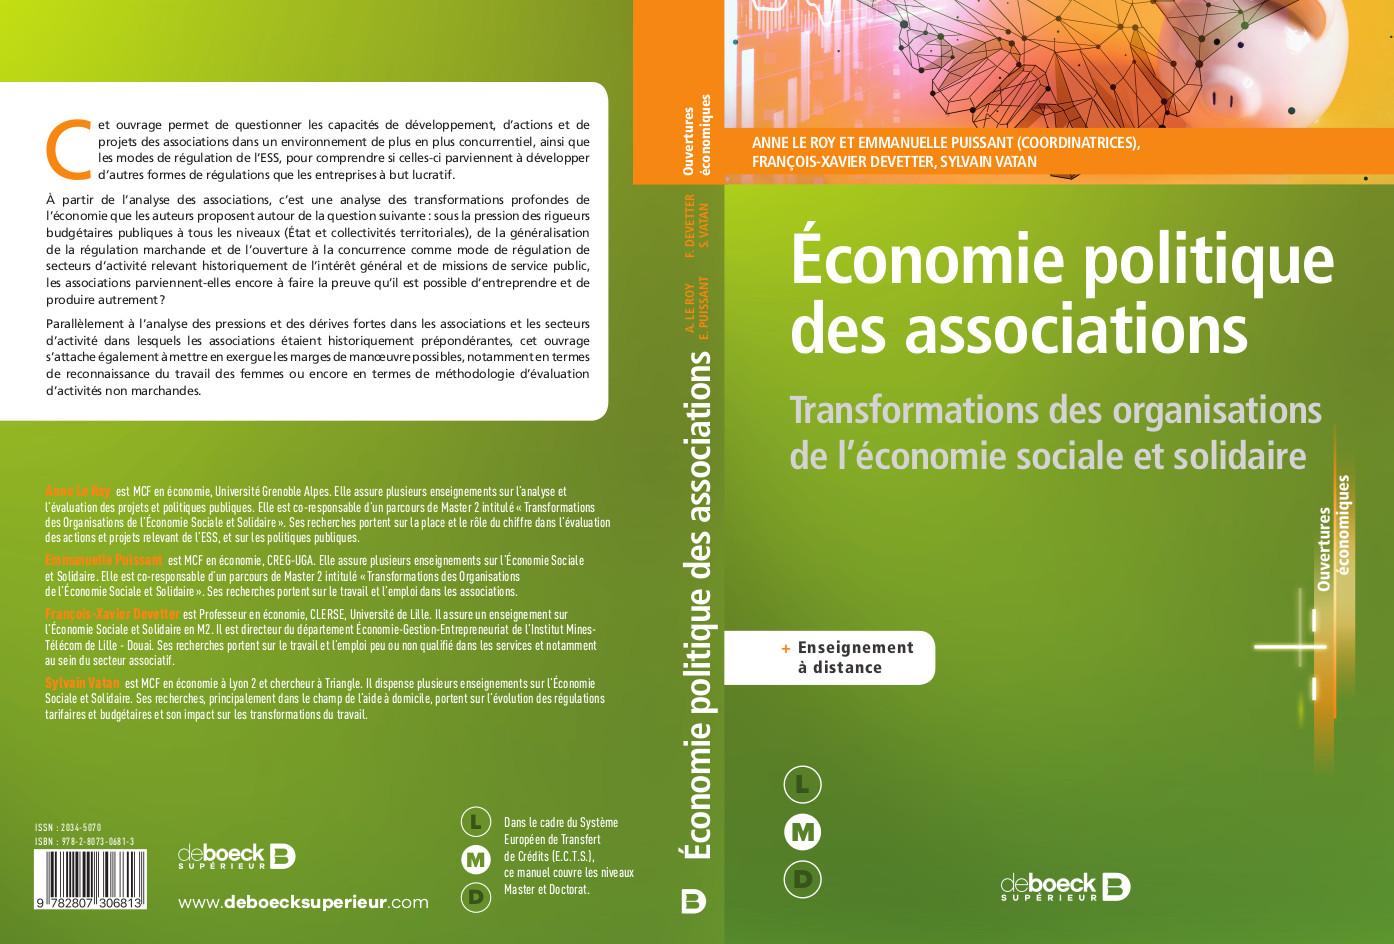 couverture-pub19017-eco_po_des_asso.jpg